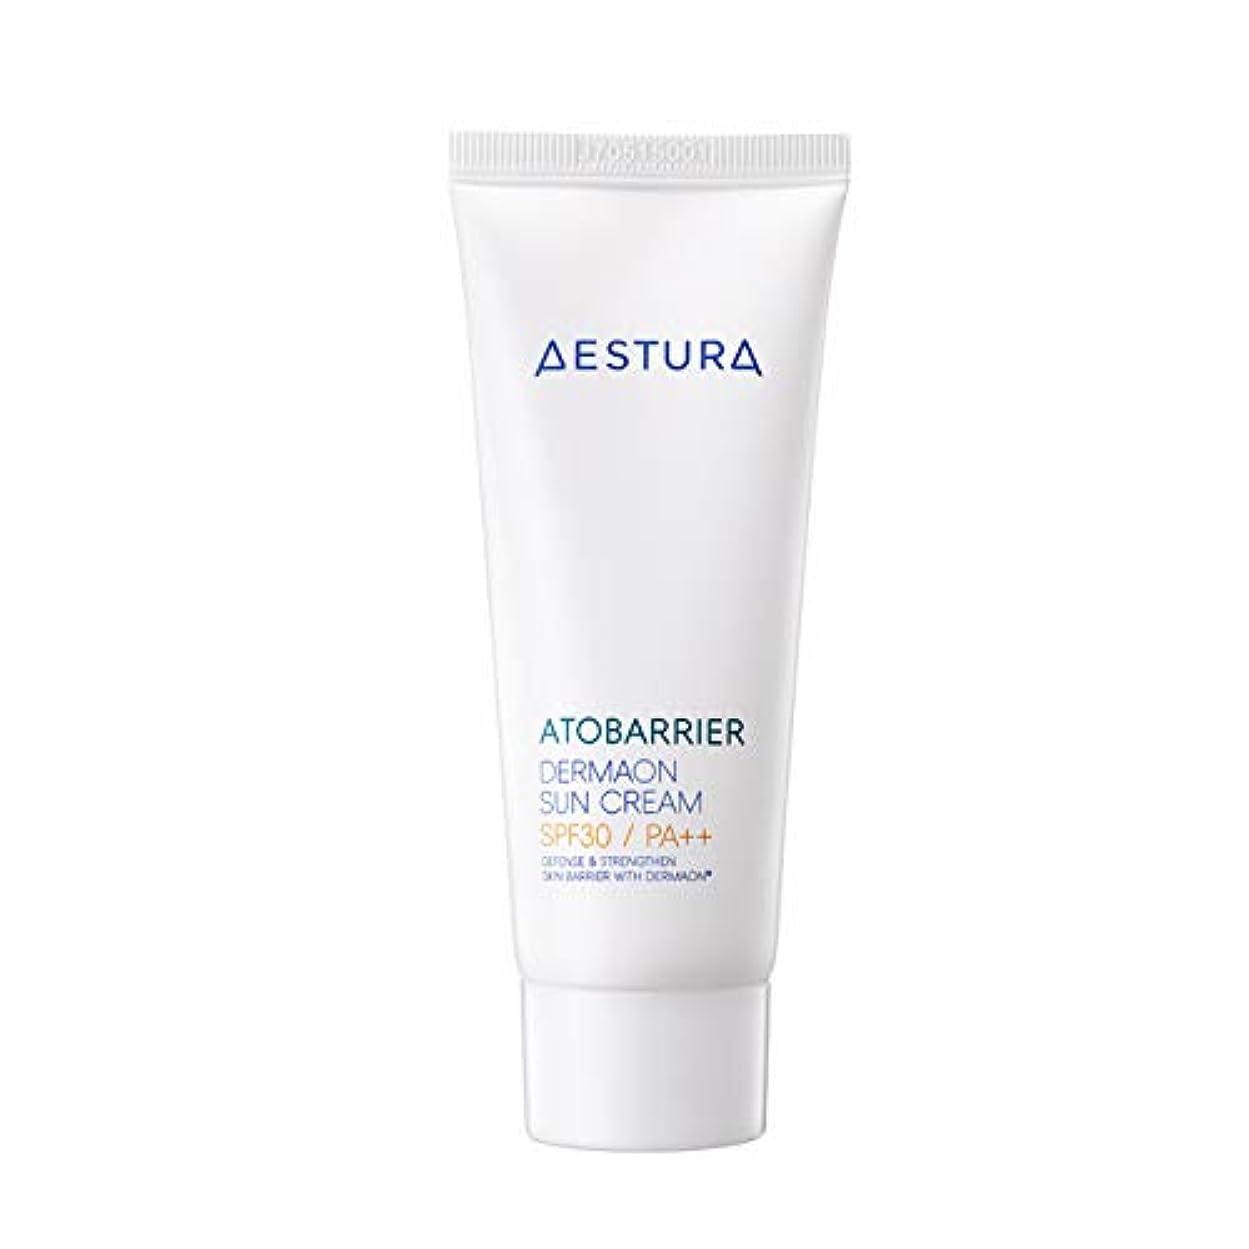 キャラバン切り下げ変動するAESTURA アトバリエ ダーマオン サンクリーム 60ml,SPF30 / PA++ Atobarrier Dermaon Sun Cream